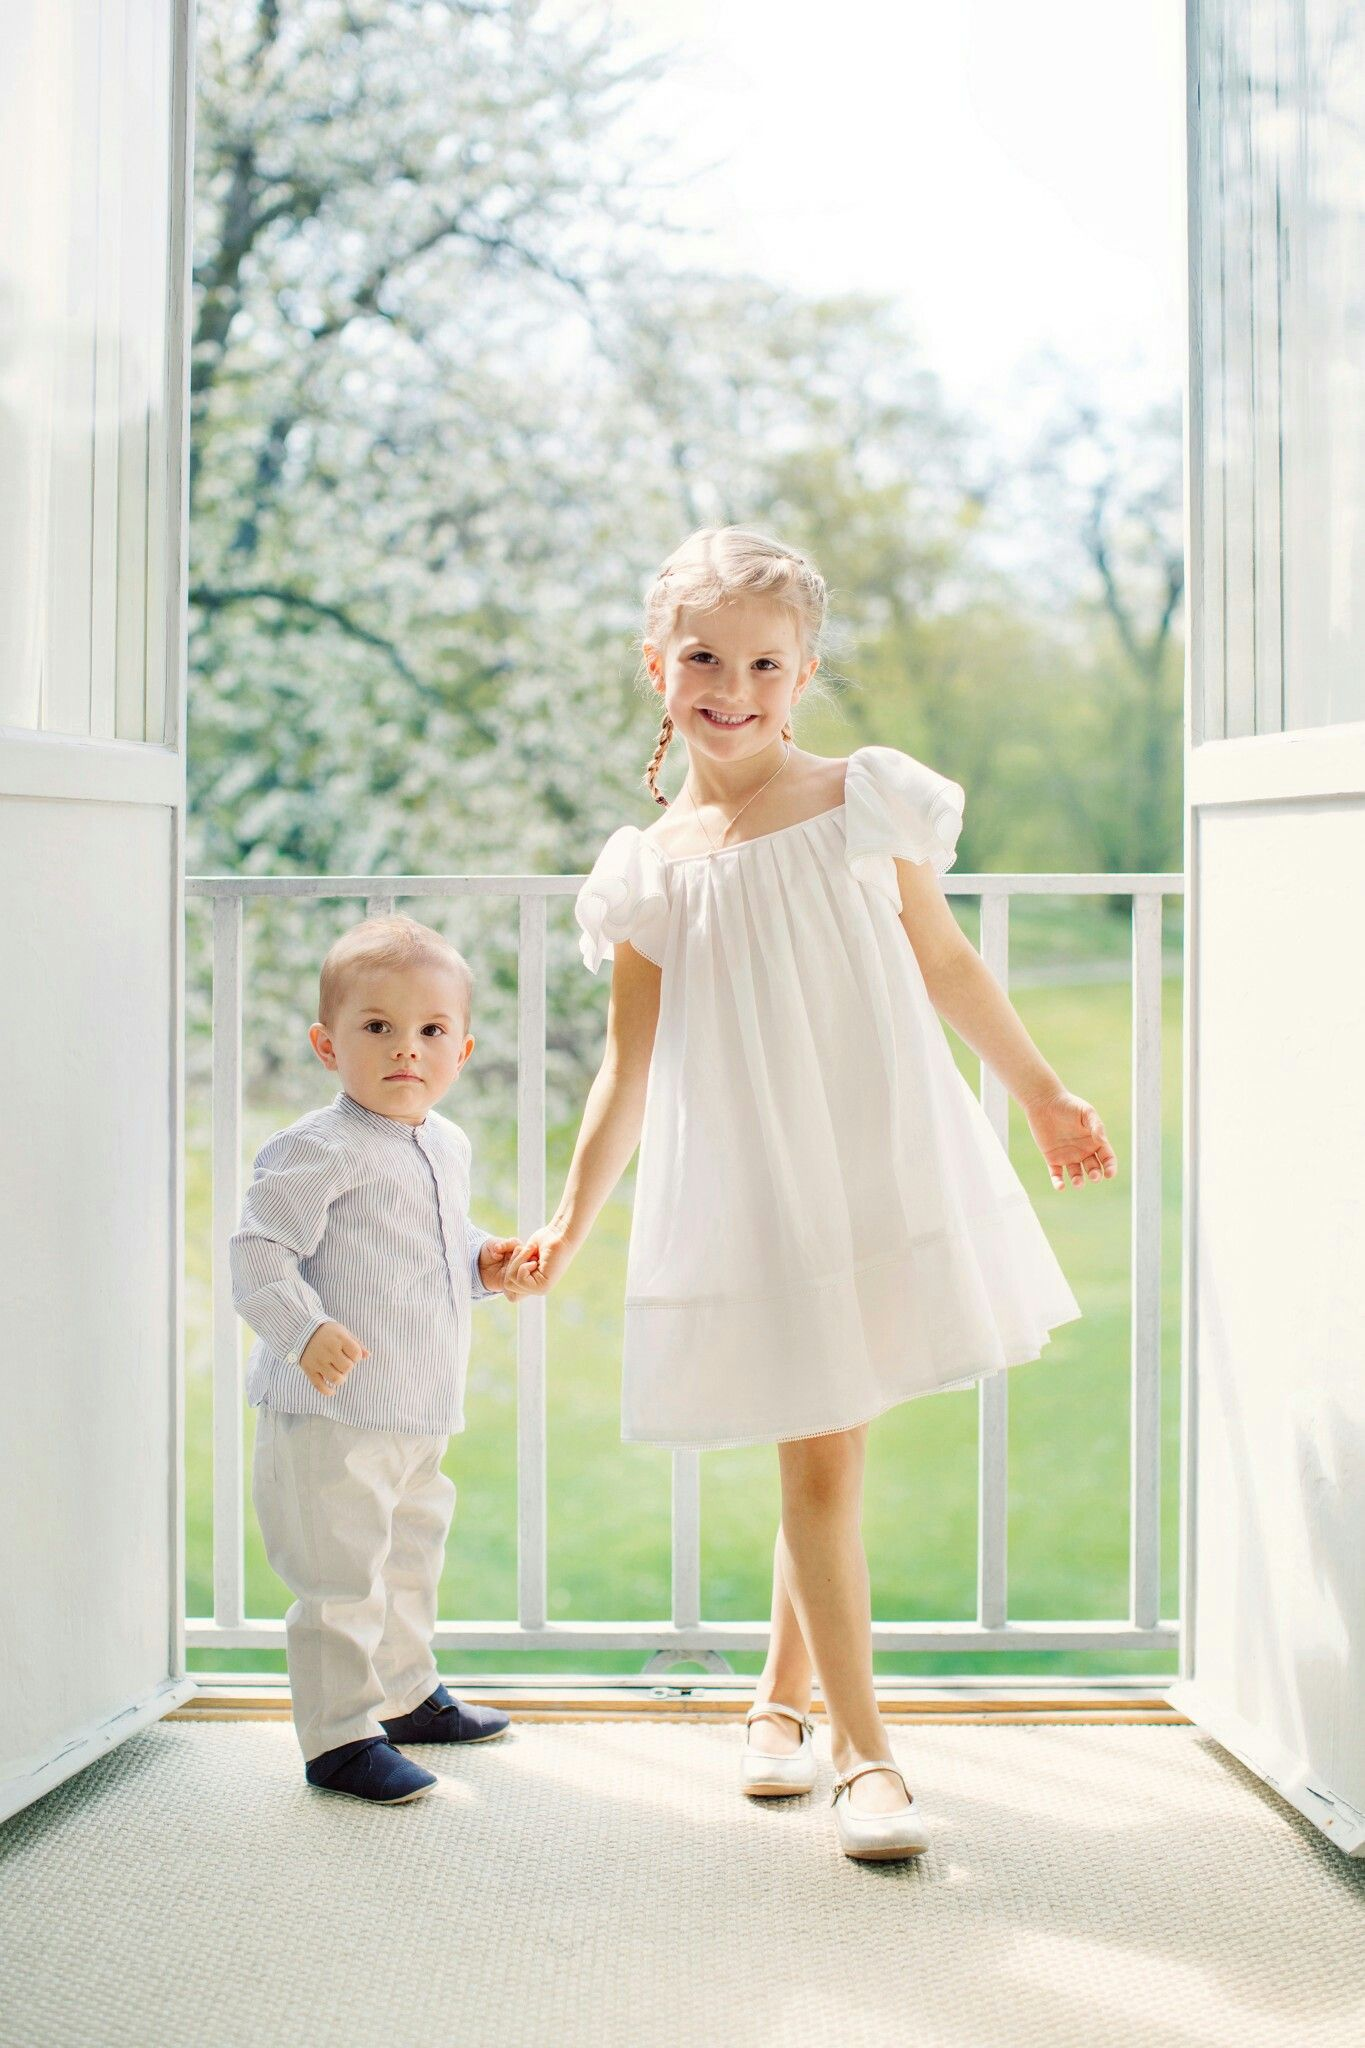 Công chúa Estelle mặc đầm trắng